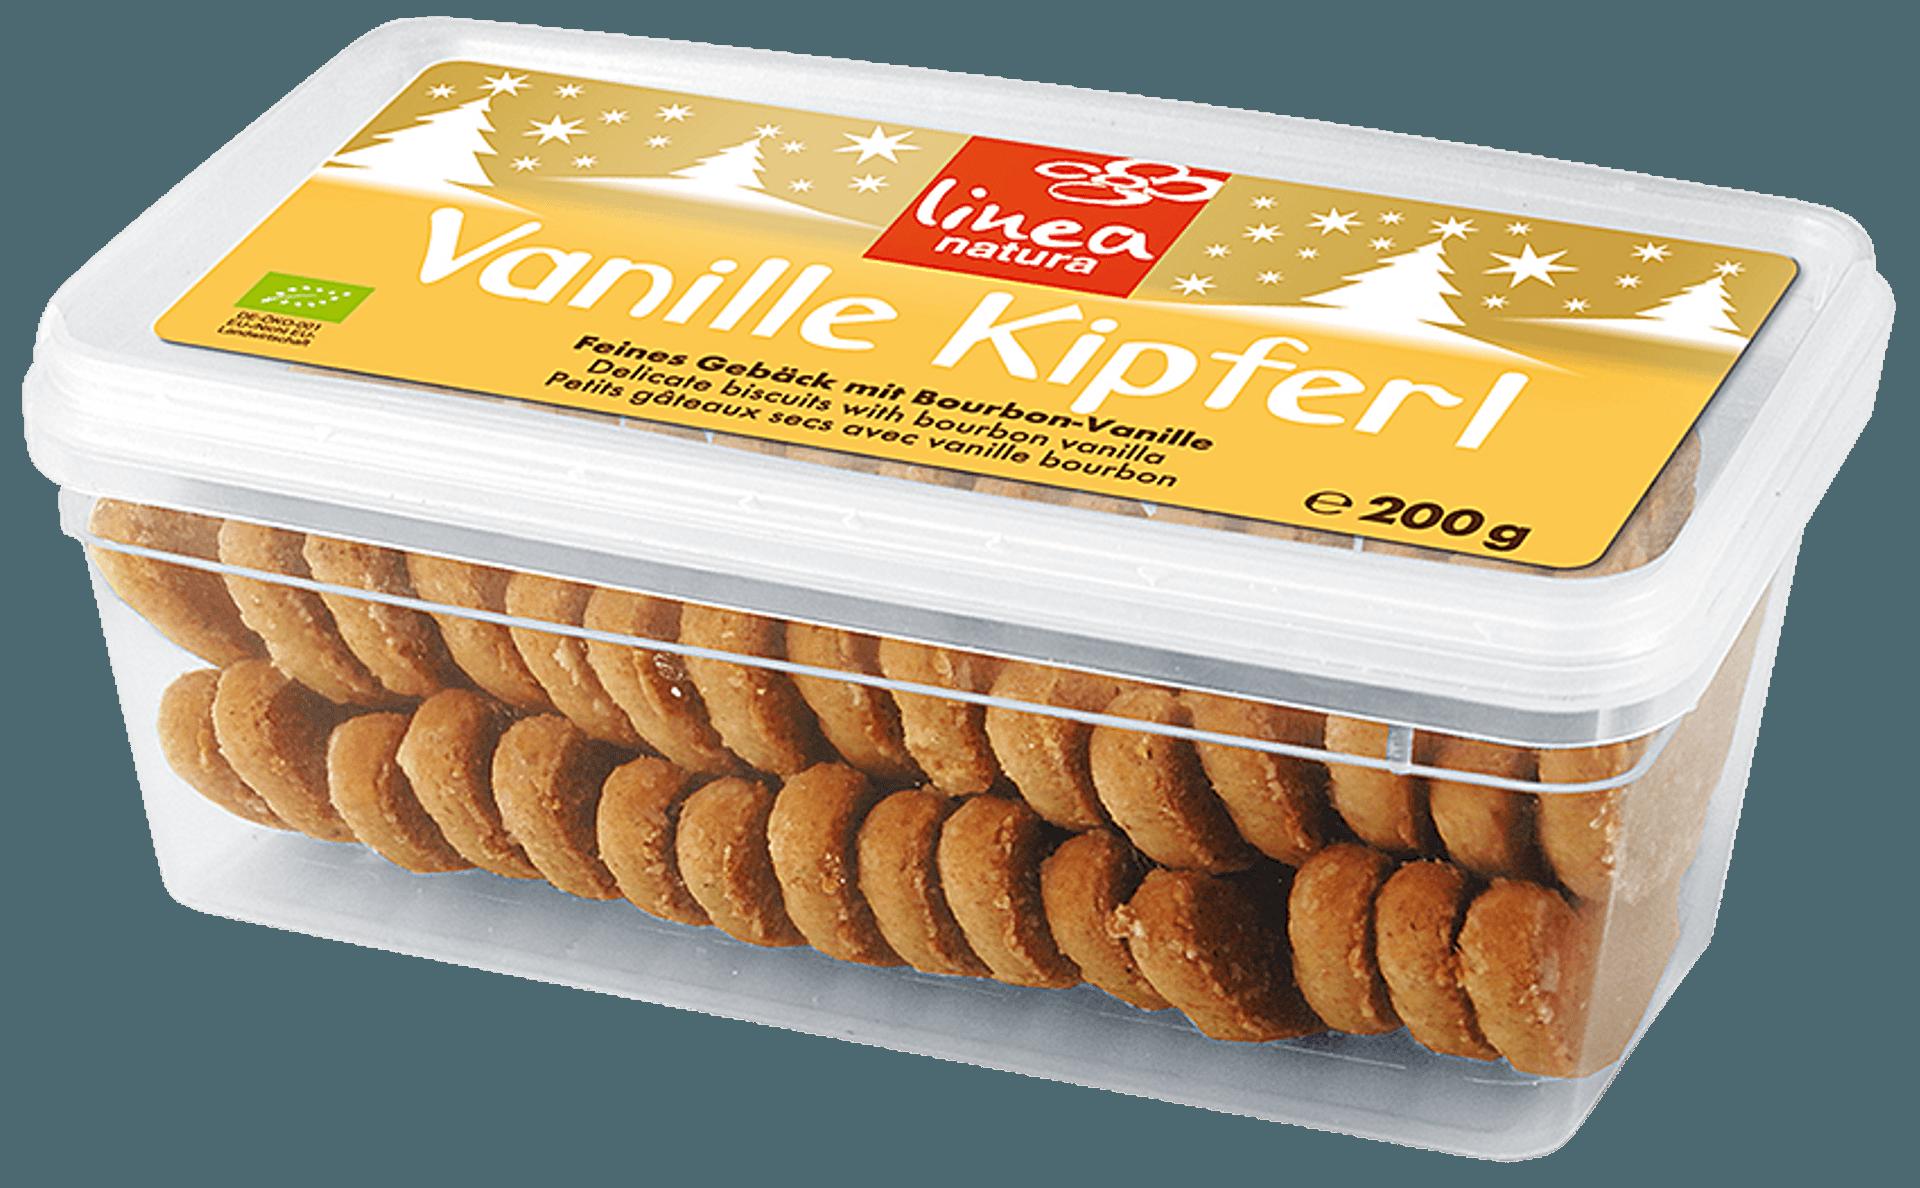 durchsichtige Box mit Keksen